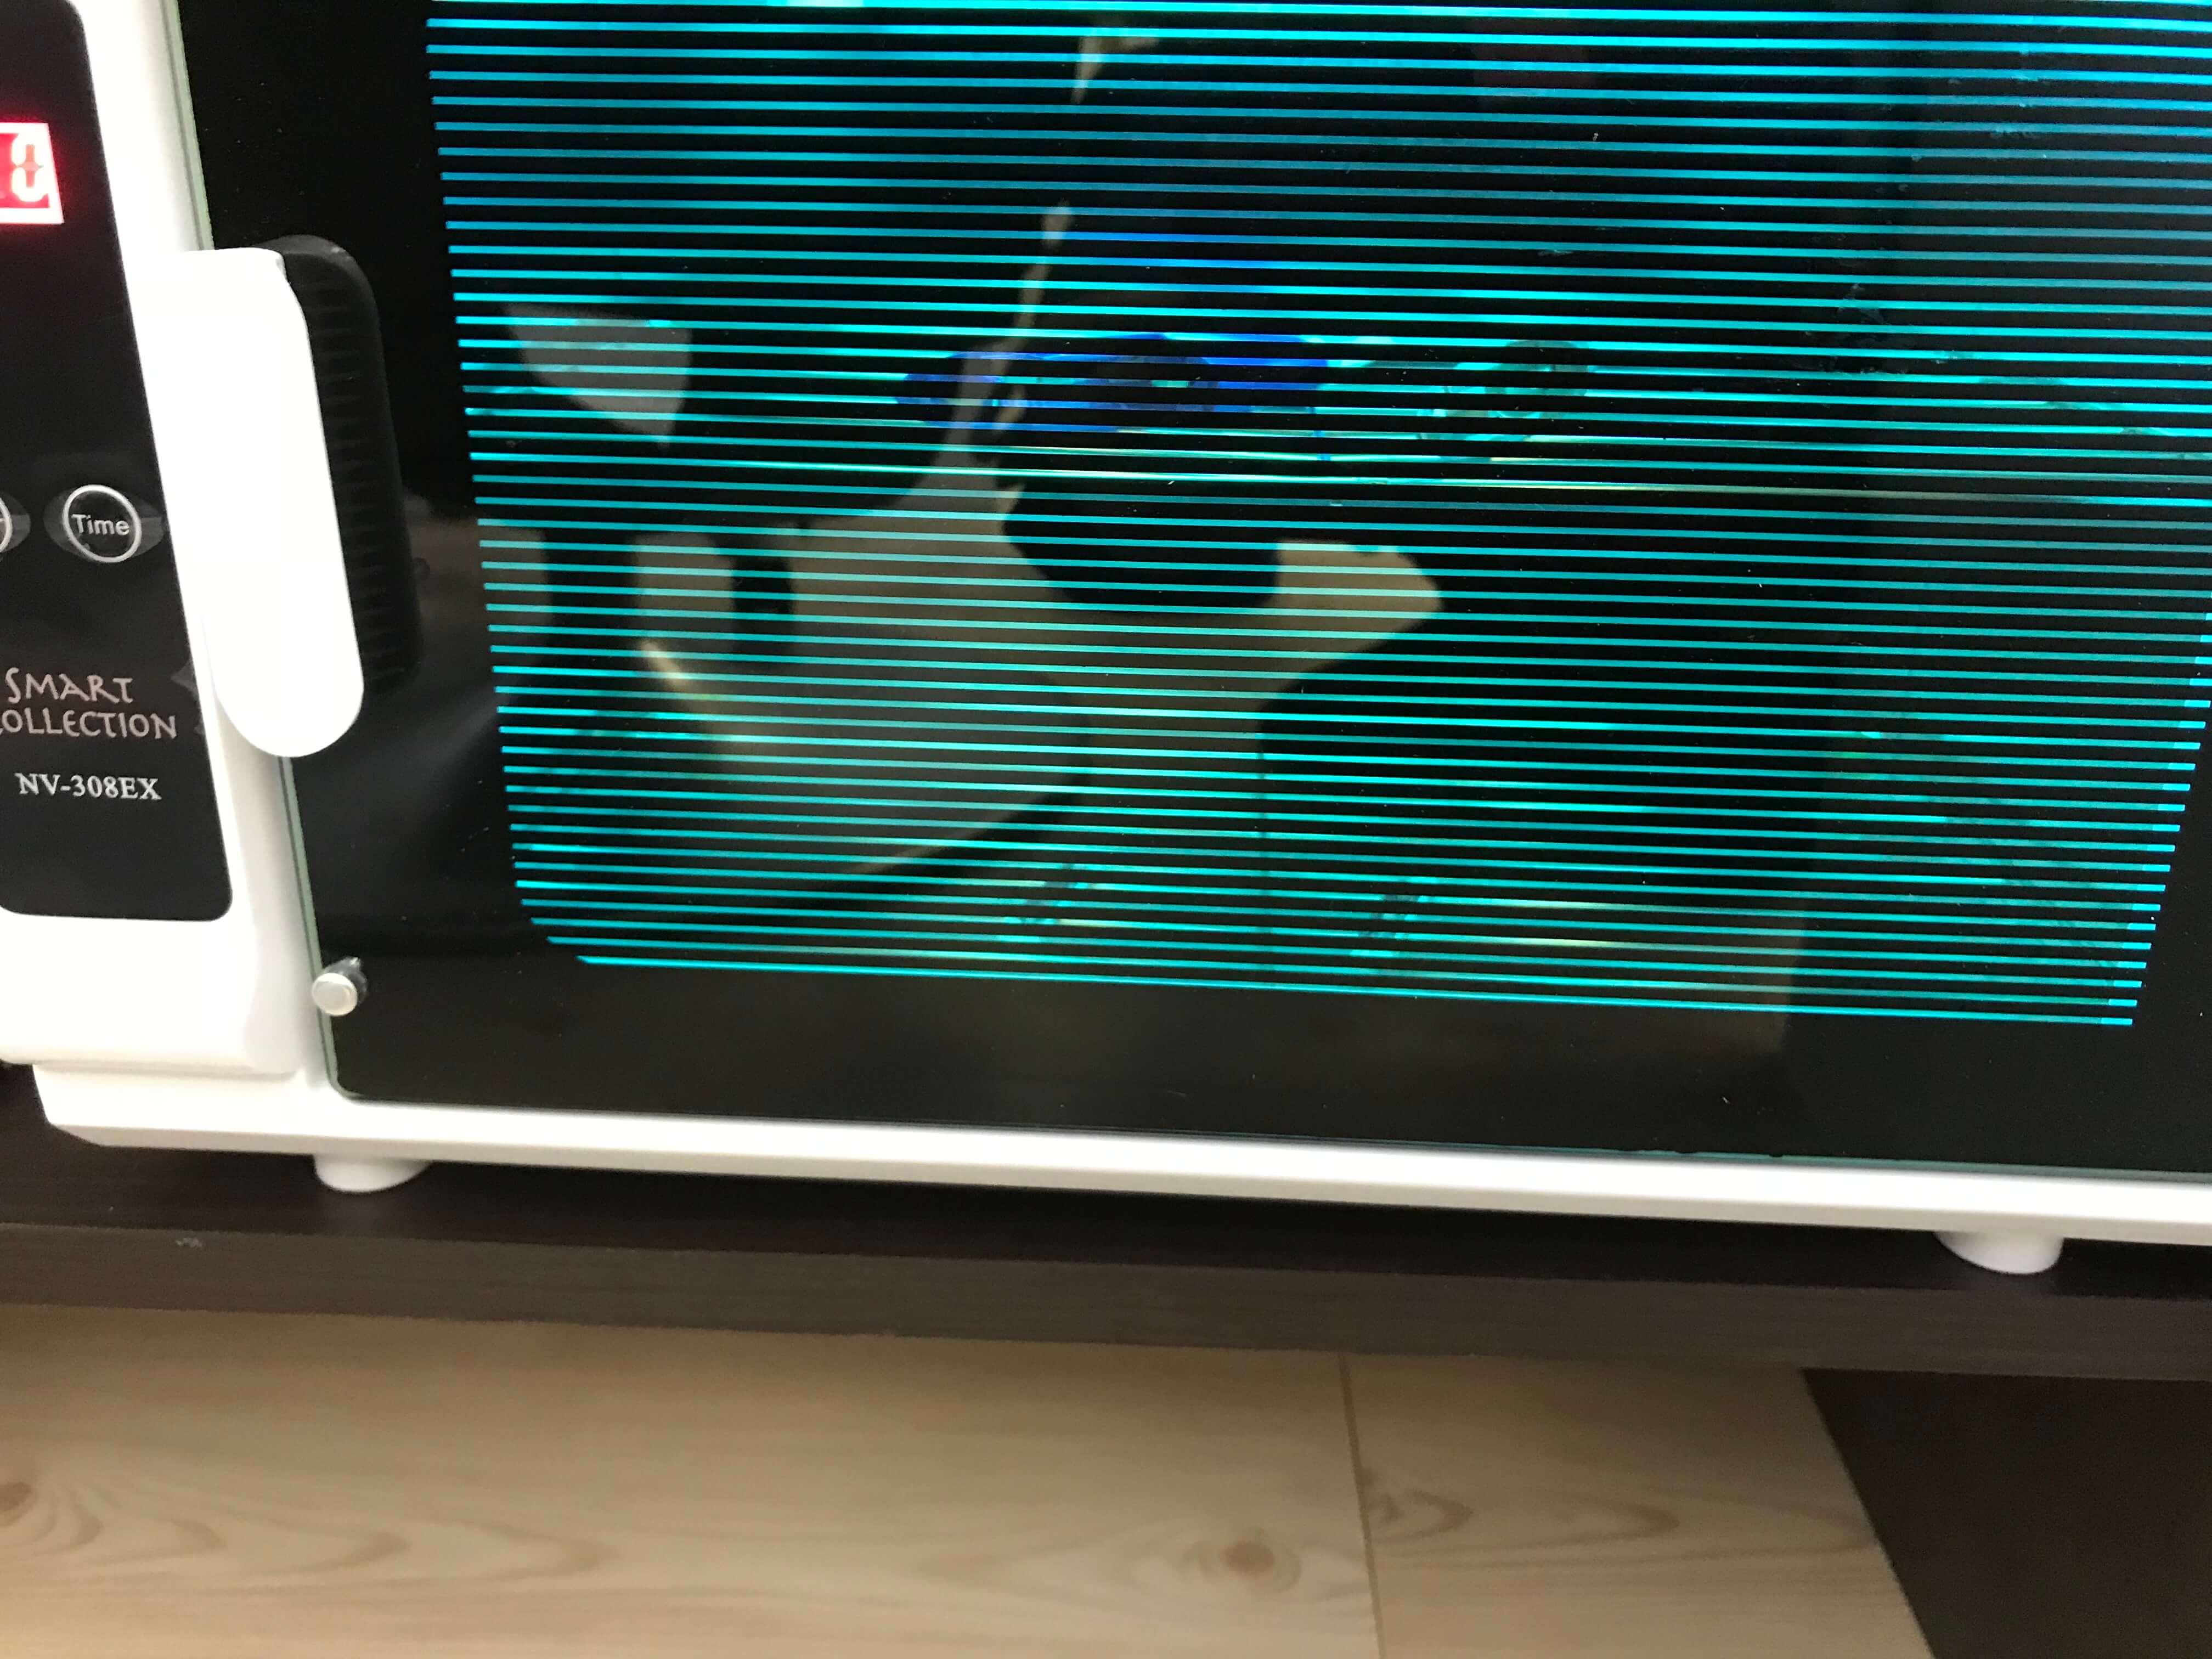 松江 市 脱毛 おすすめ vio キラ肌 JR松江駅